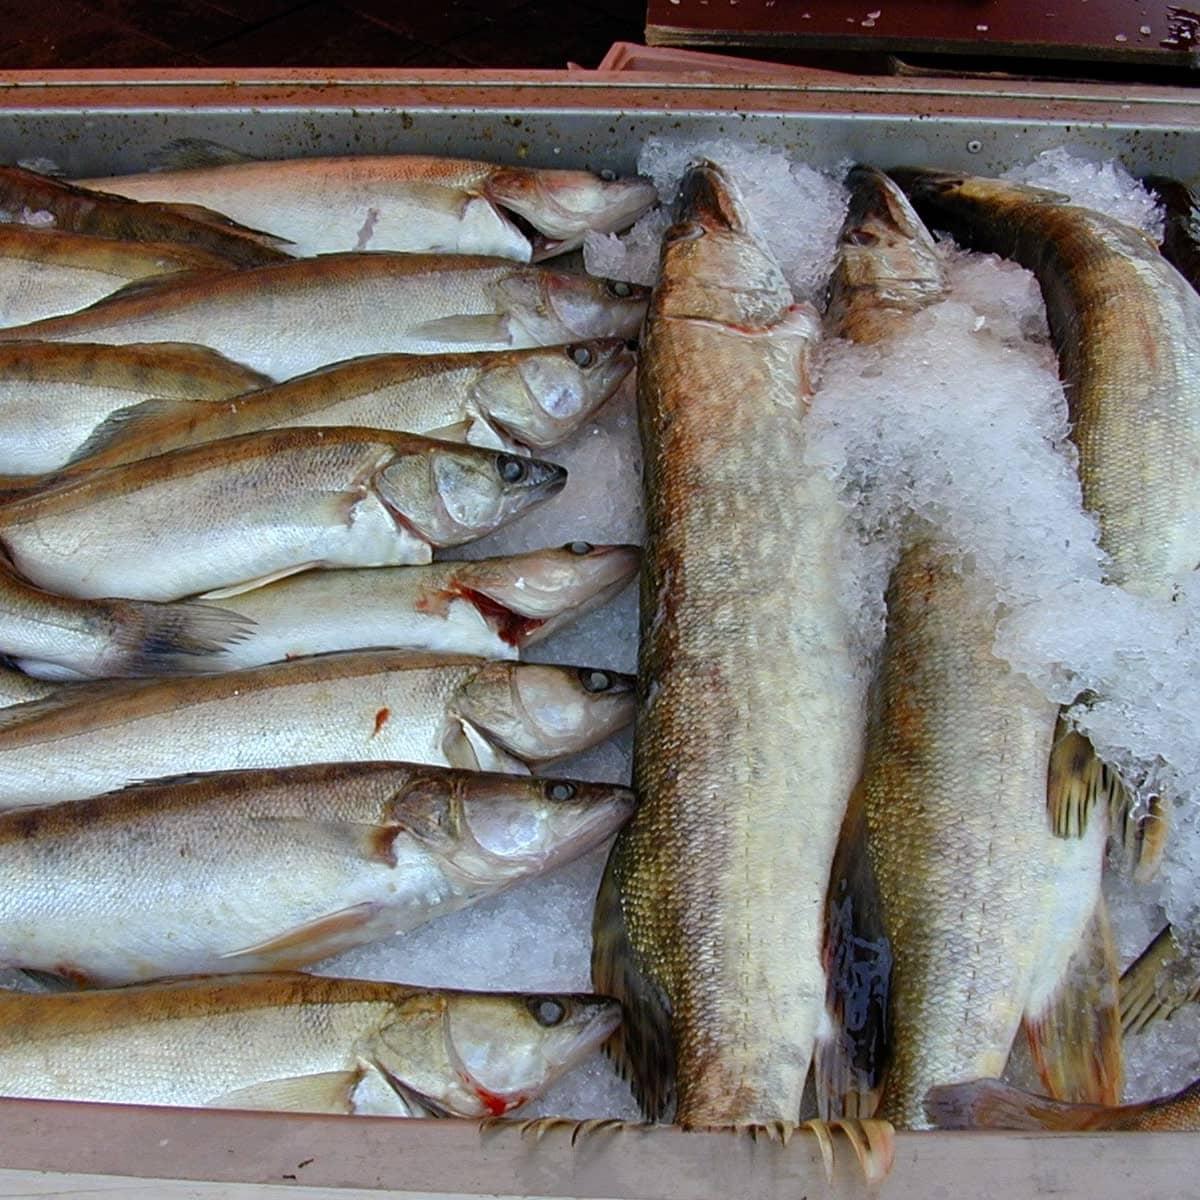 Suomalaiset syövät vuodessa kuhaa (vas.) 0,34 kilogrammaa ja haukea 0,44 kilogrammaa.